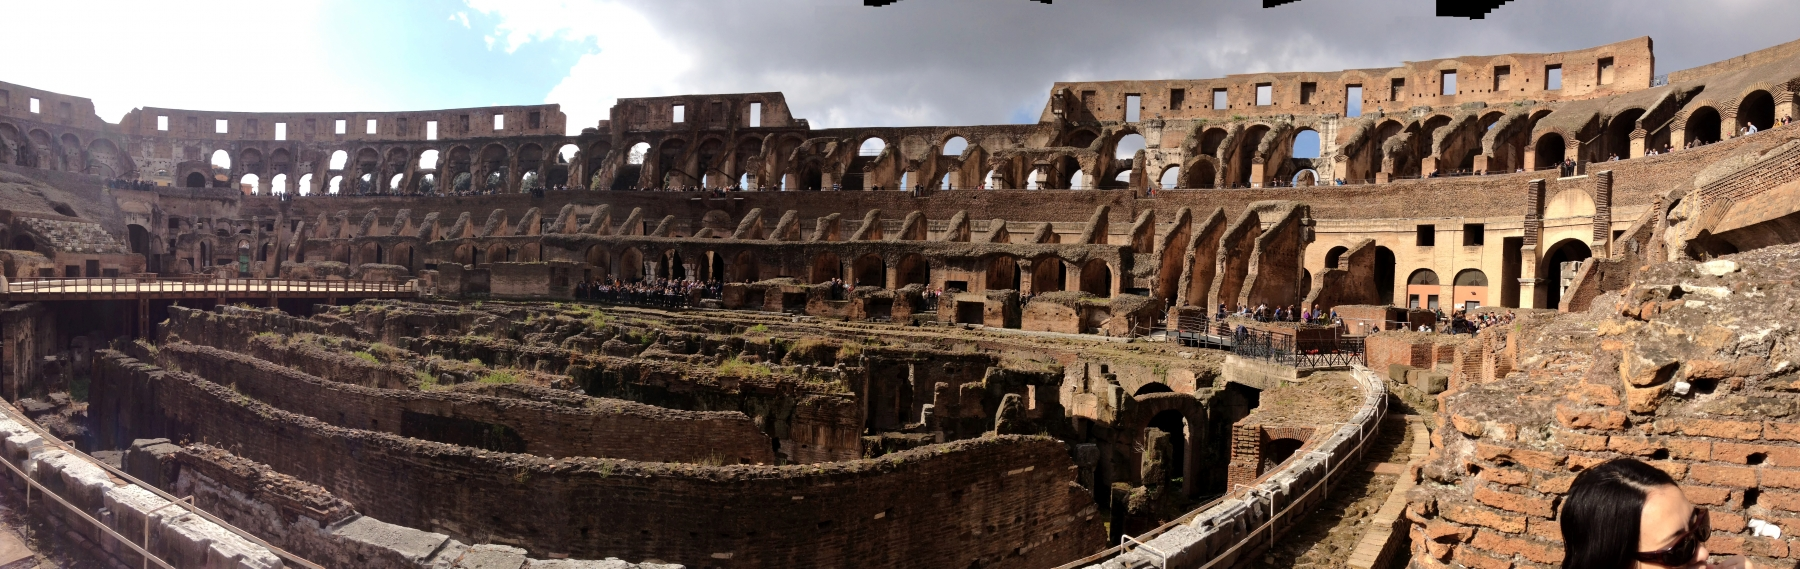 Rome_25_1